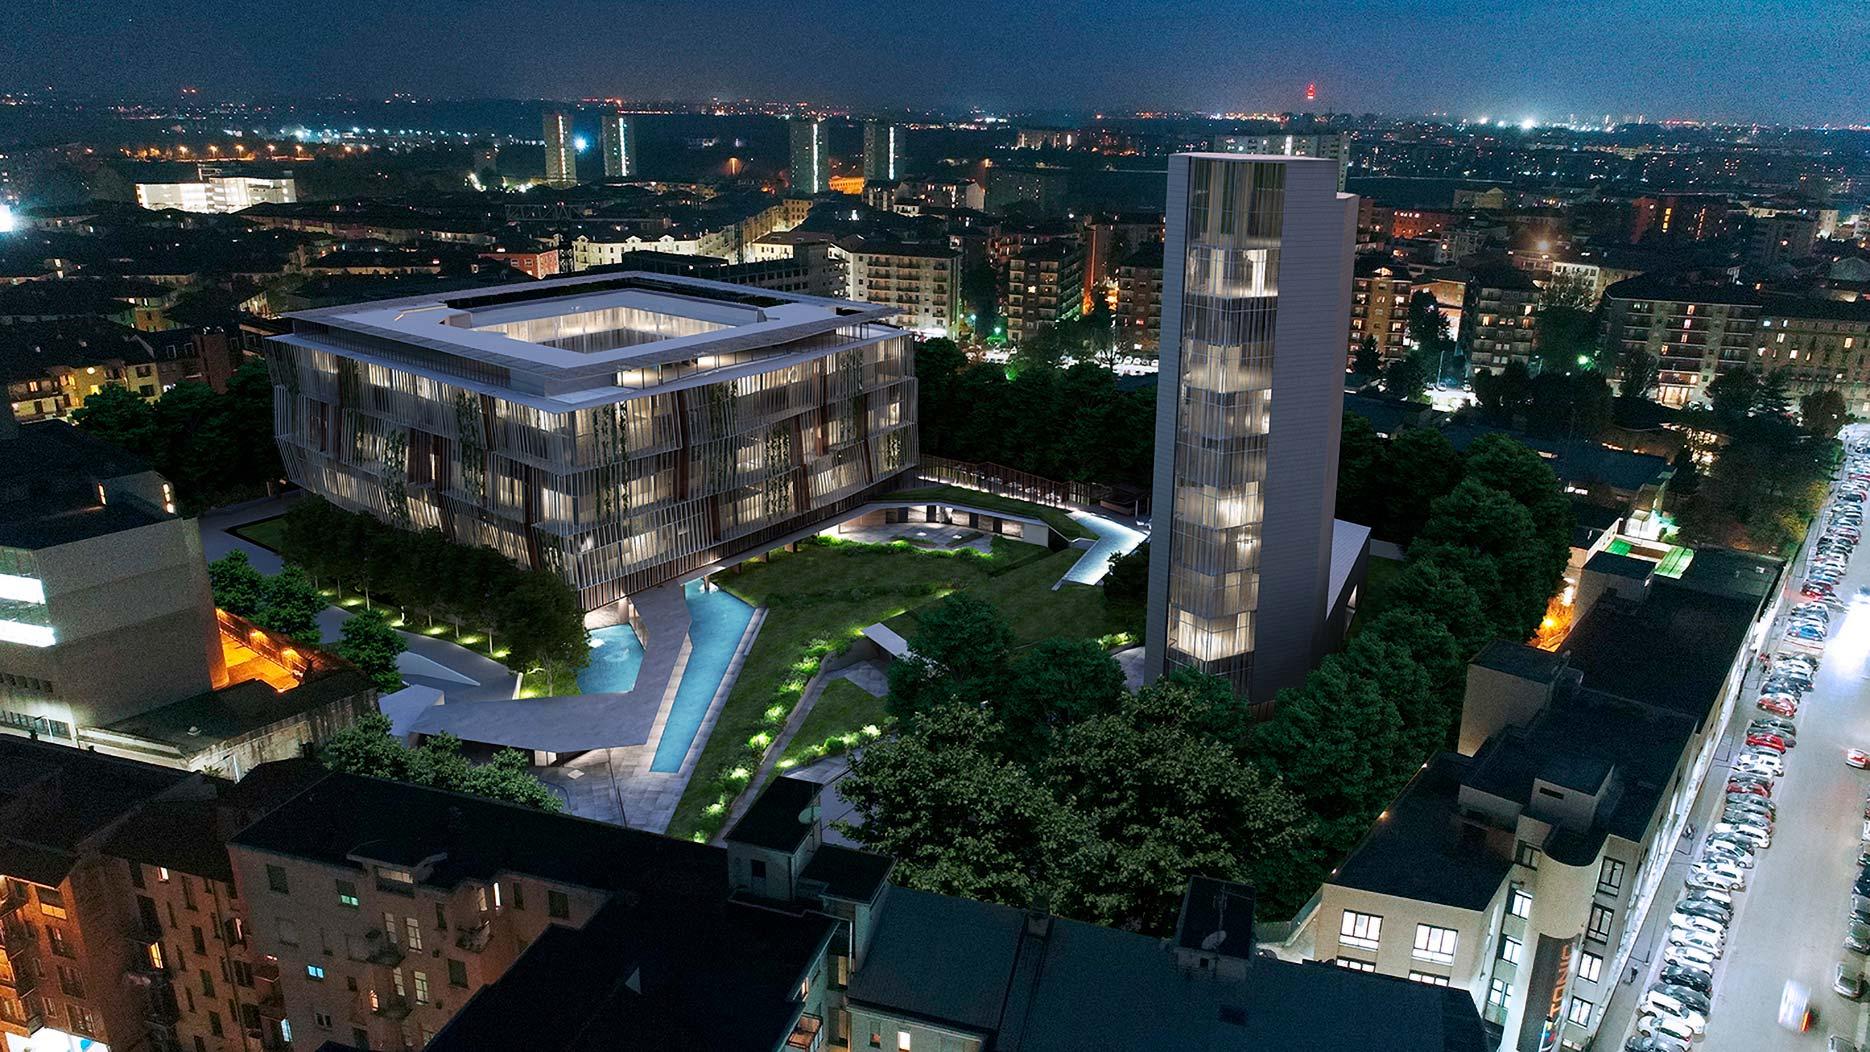 sa-architecture-studio-architettura-progettazione-hotel-design